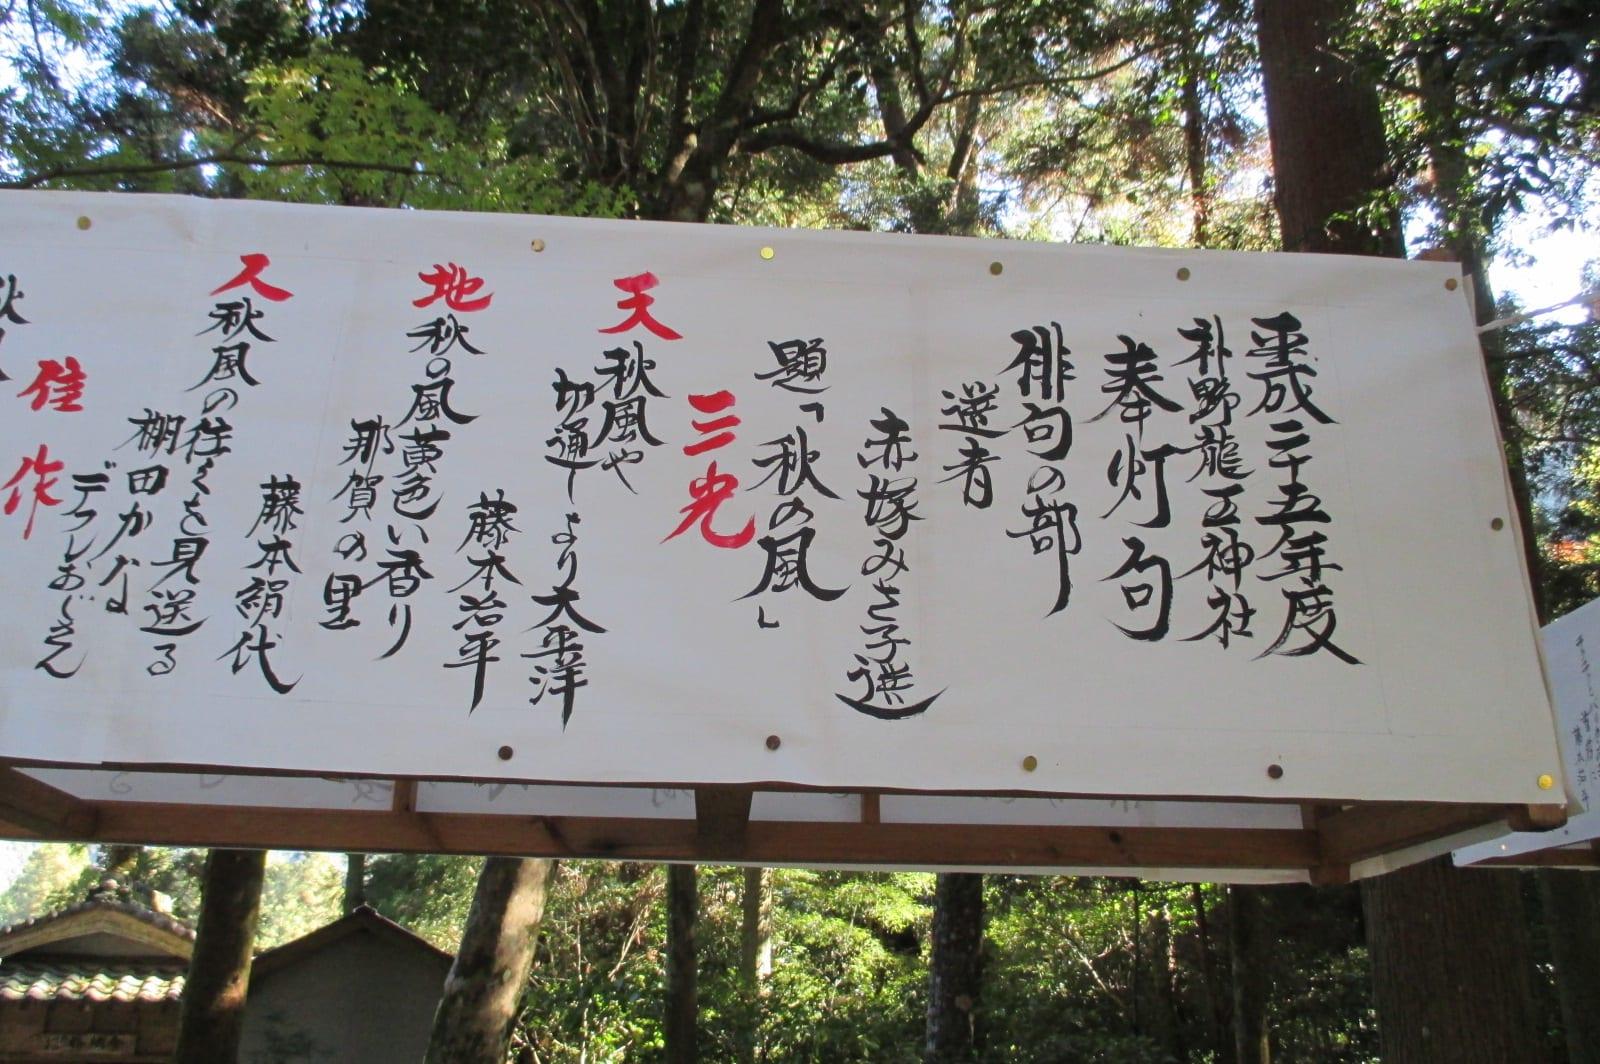 平成25年度龍王神社奉灯句のご紹介 - 象のひと踏み